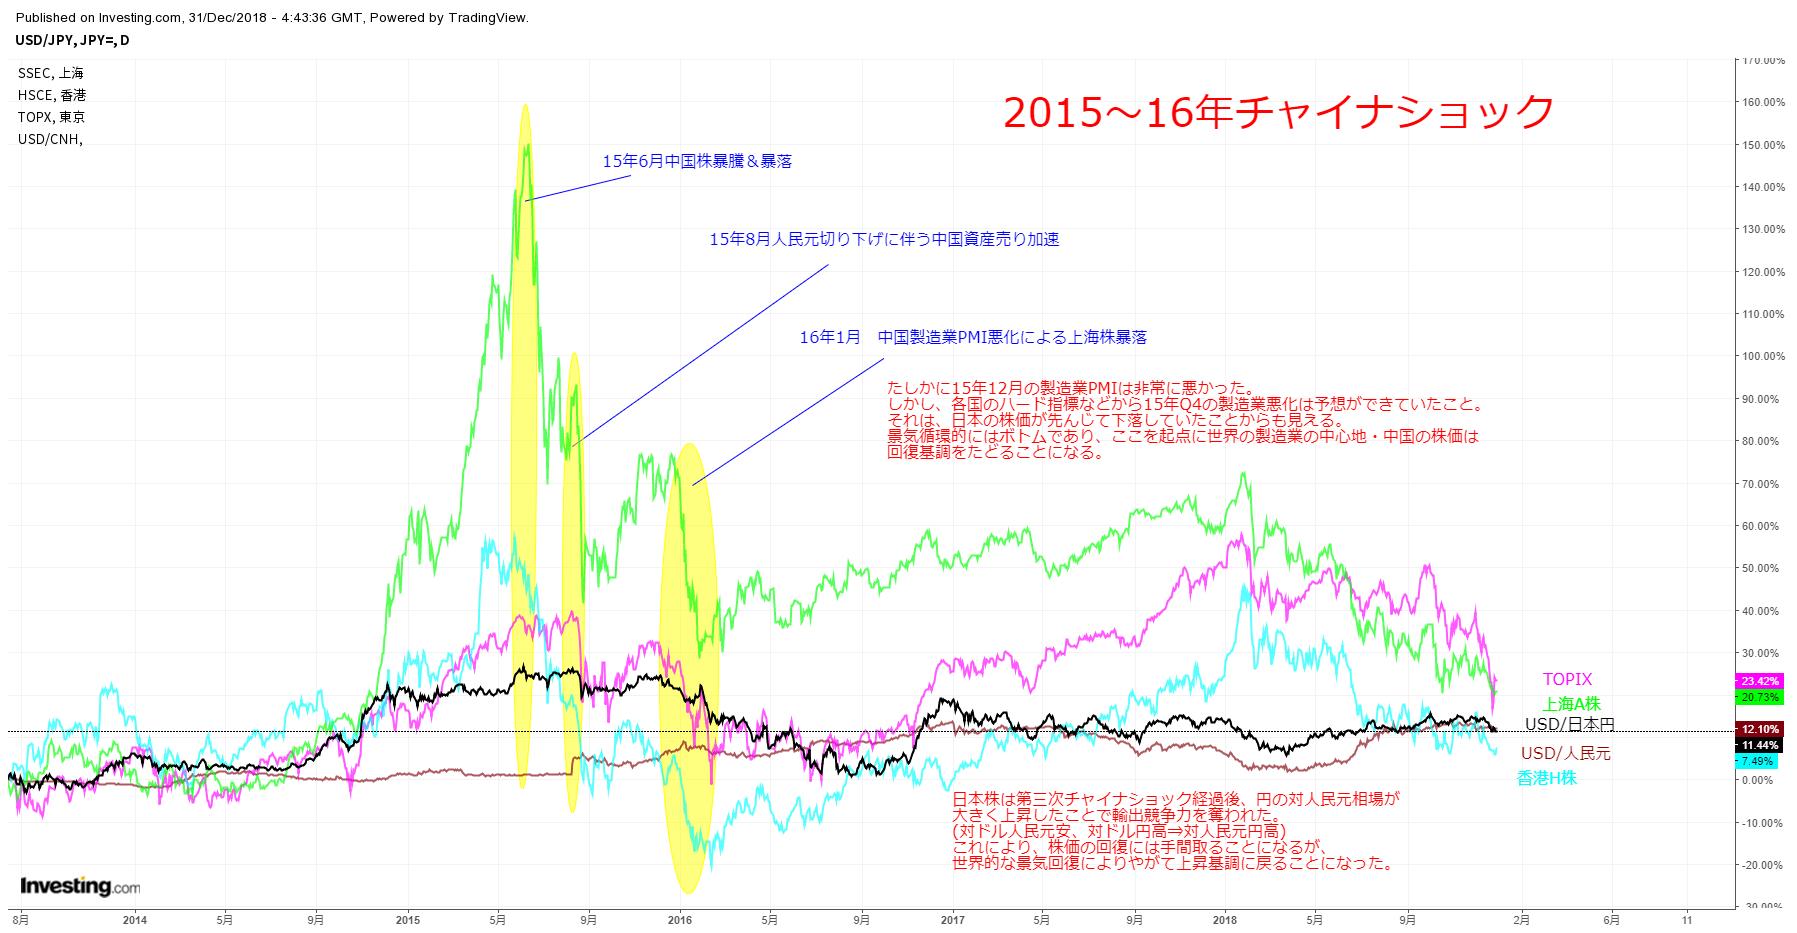 パンデミックで金融市場の暴落止まらず、岐路に立つ仮想通貨ビットコイン